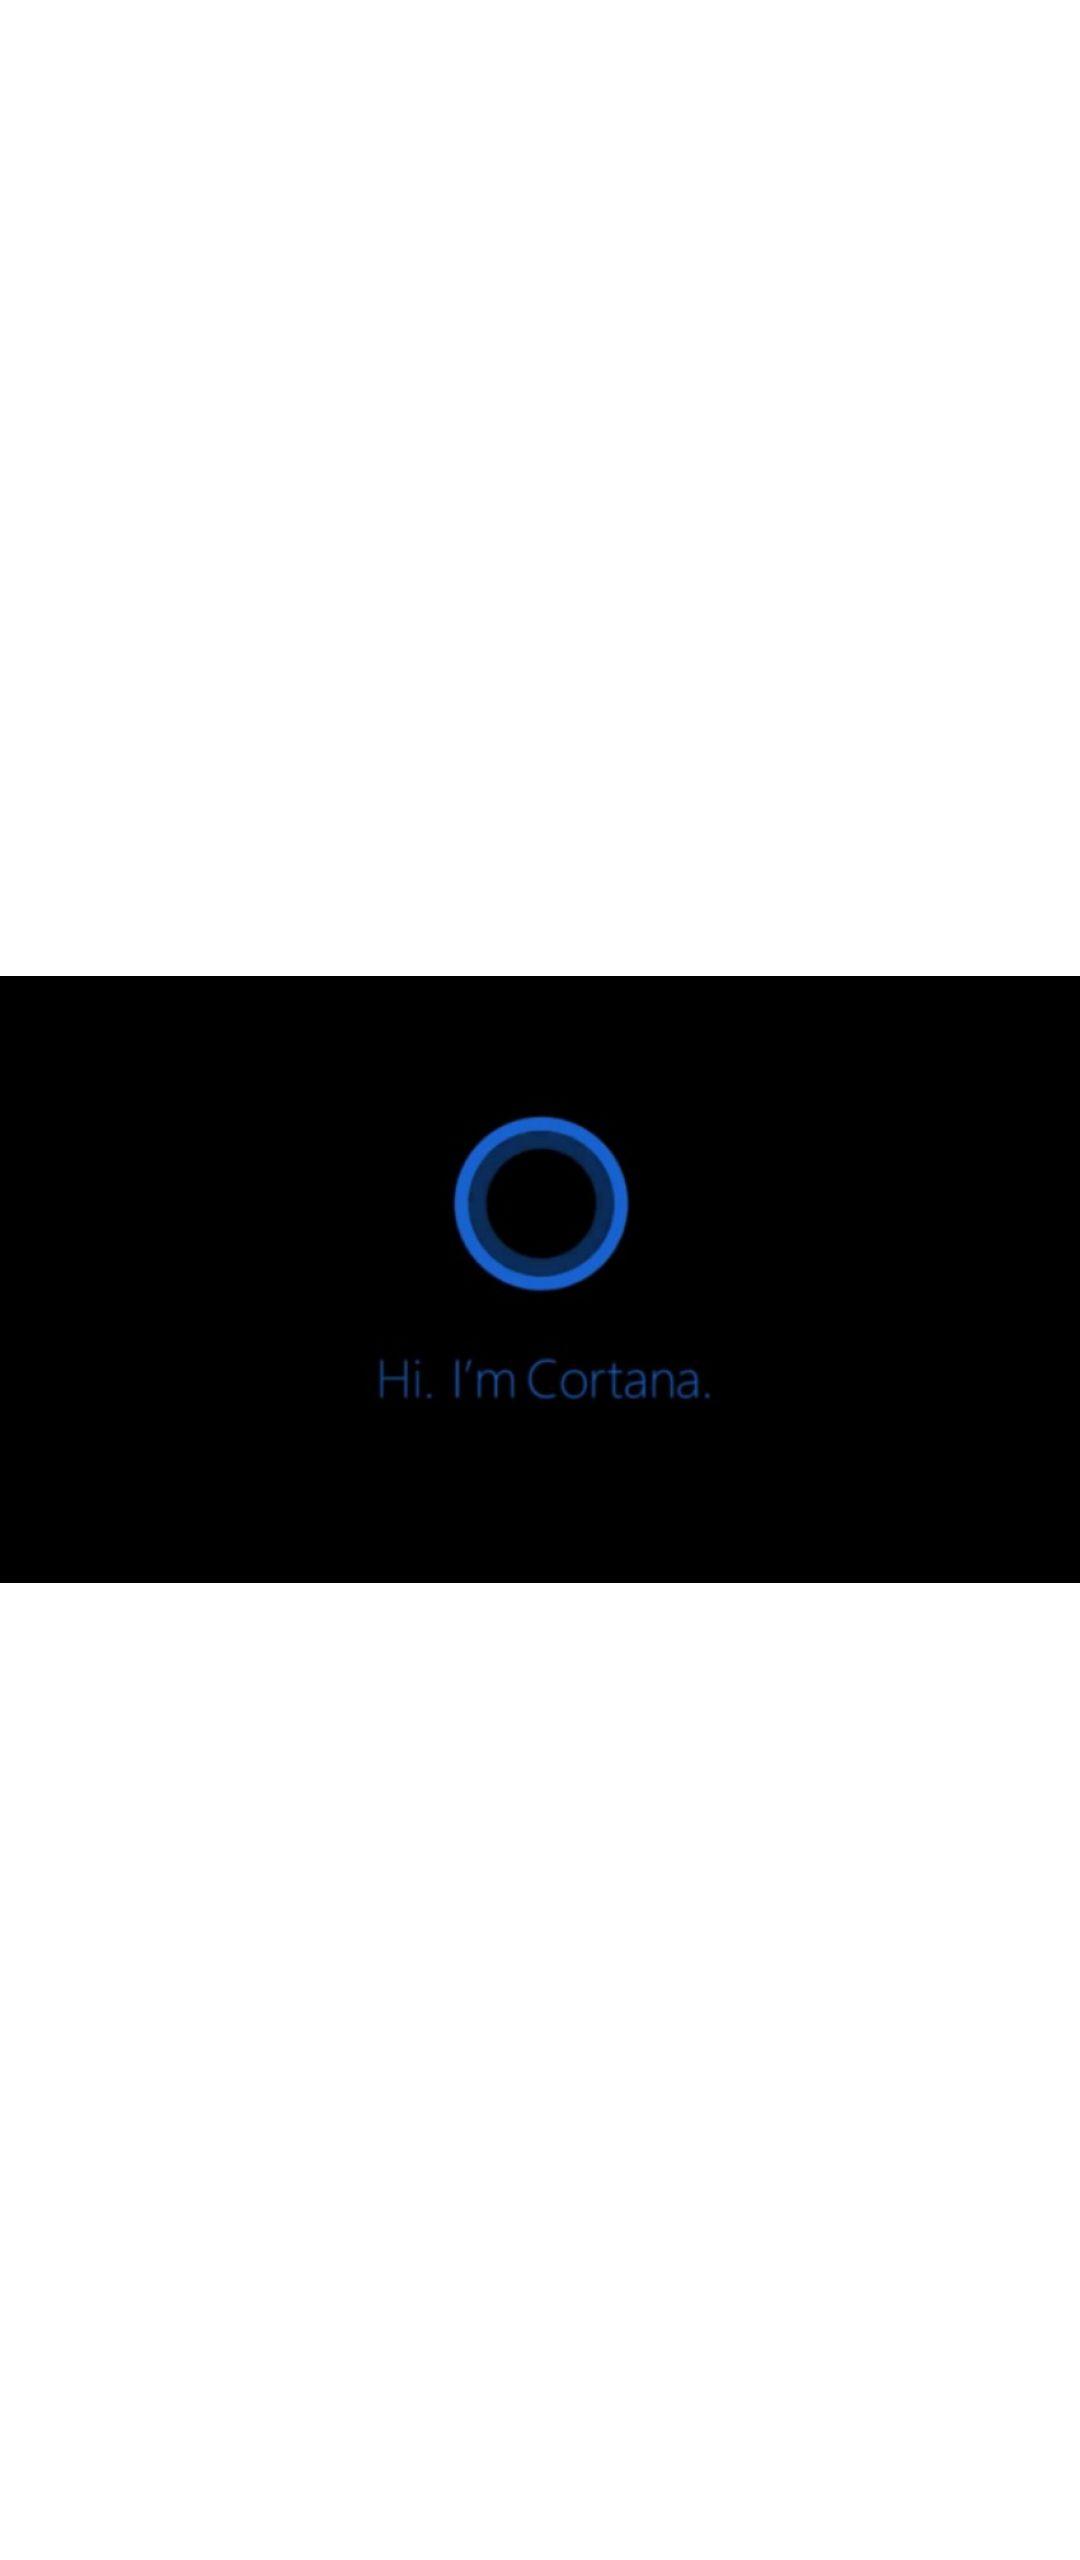 Pronto podrás usar Cortana desde la pantalla de bloqueo de Android